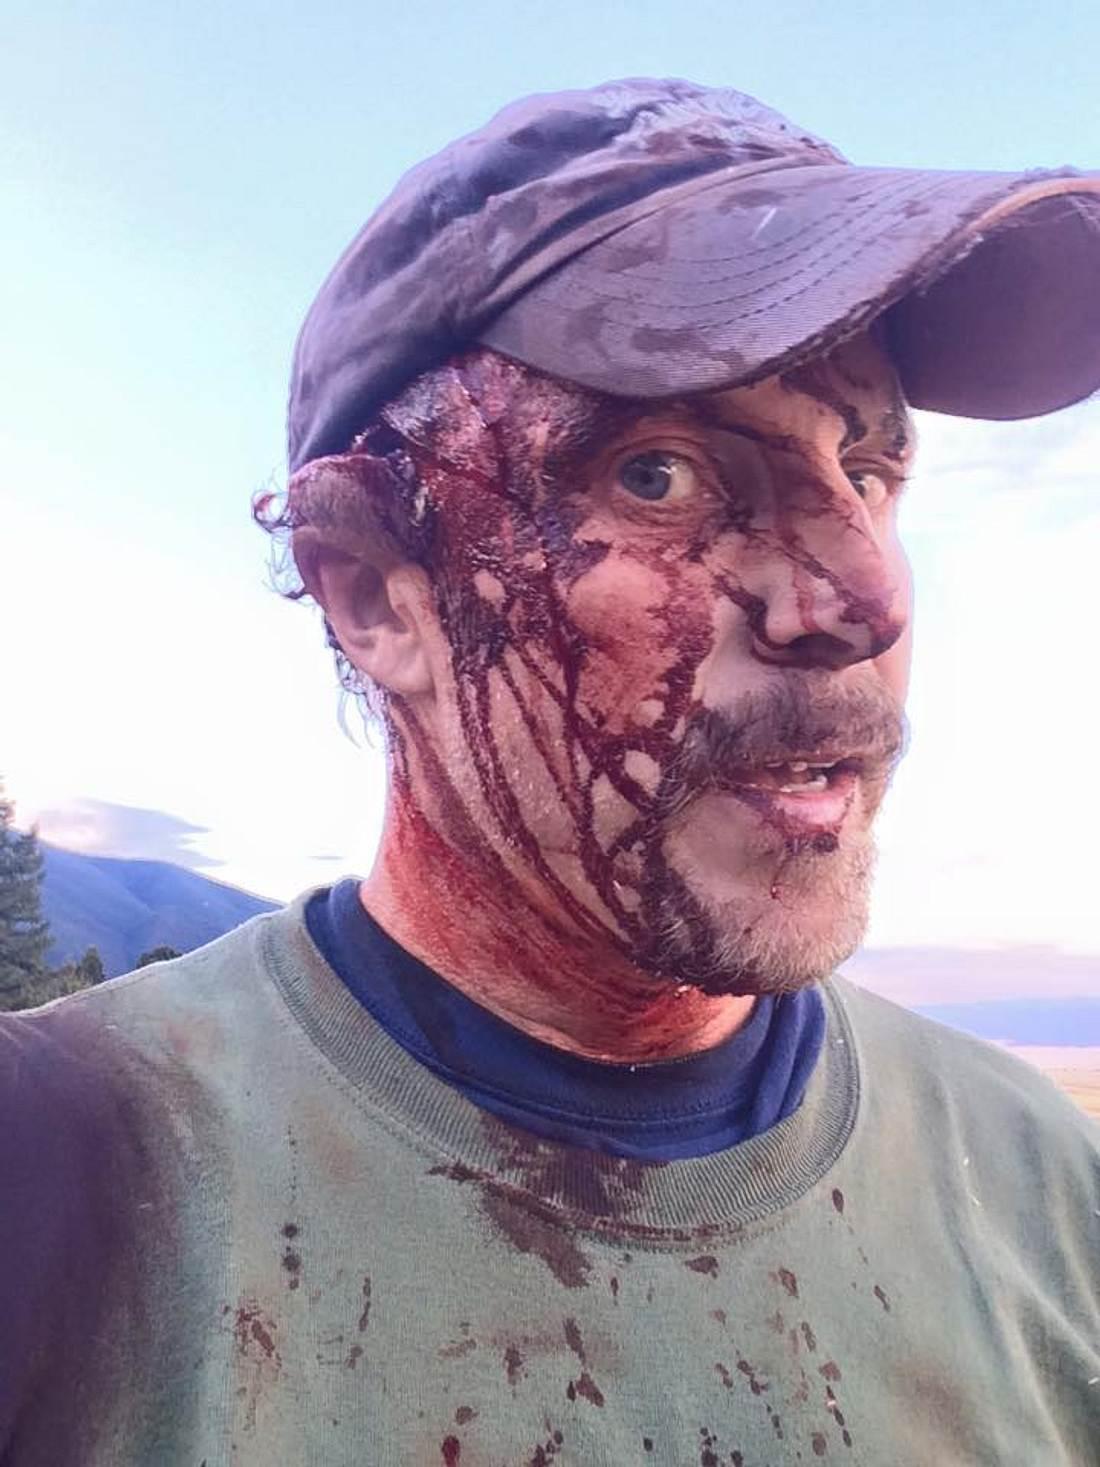 Überlebte die Attacke eines Grizzly-Bären: Todd Orr